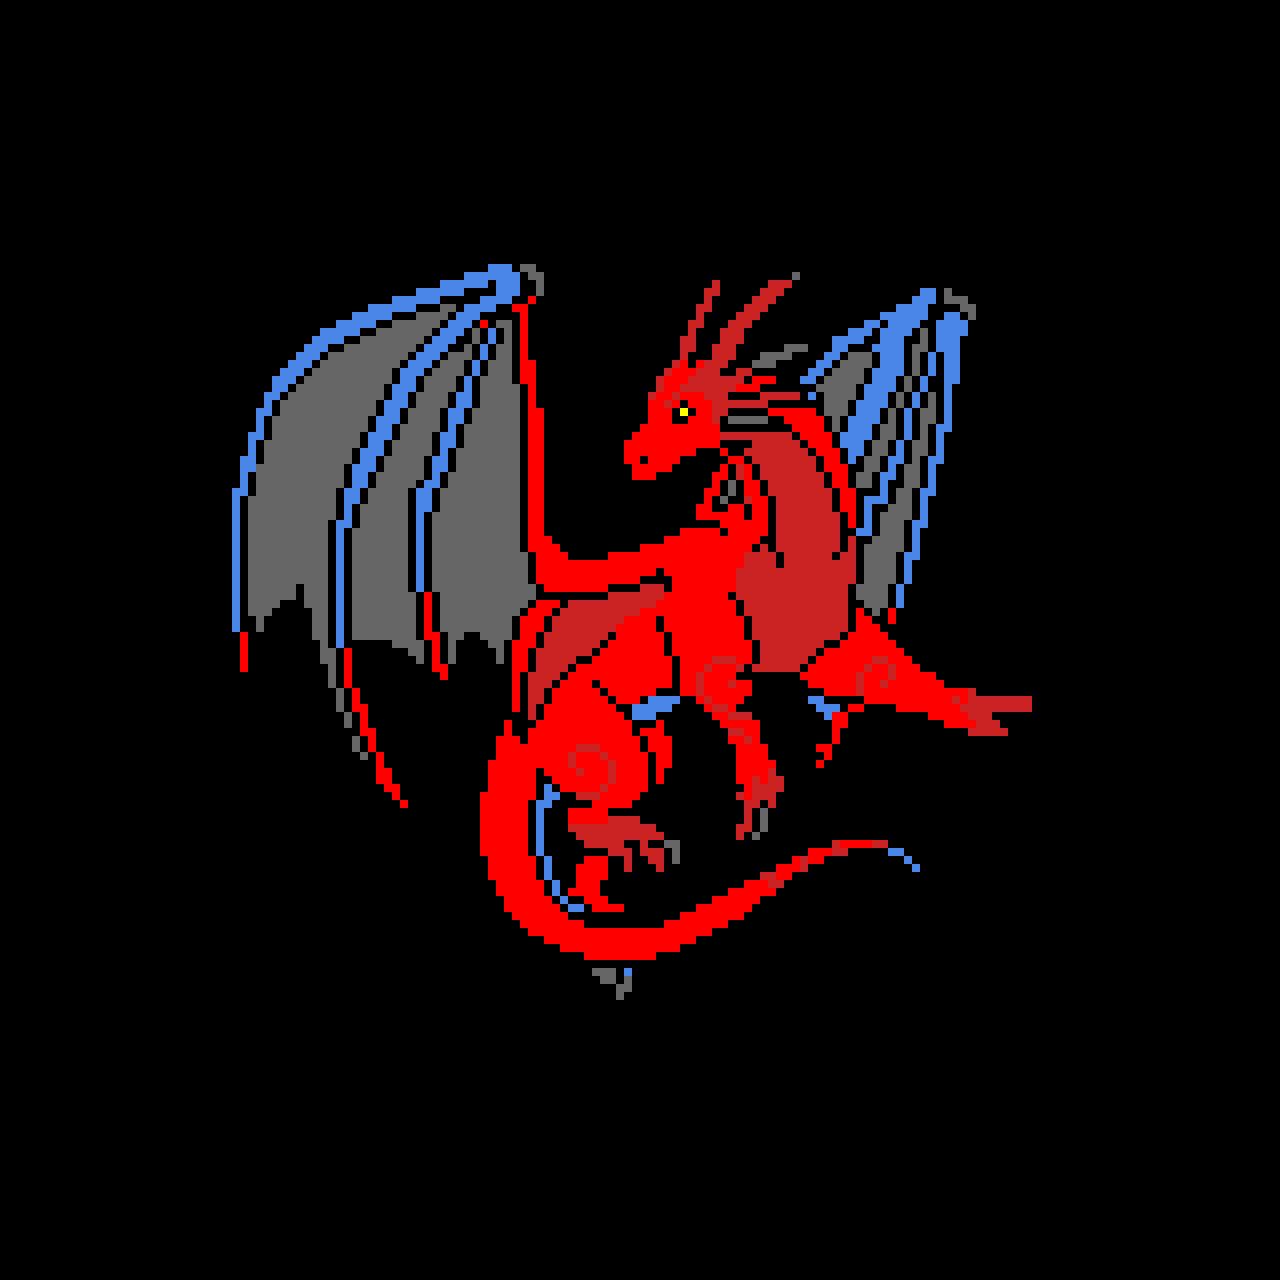 yo its a vampire water dragon